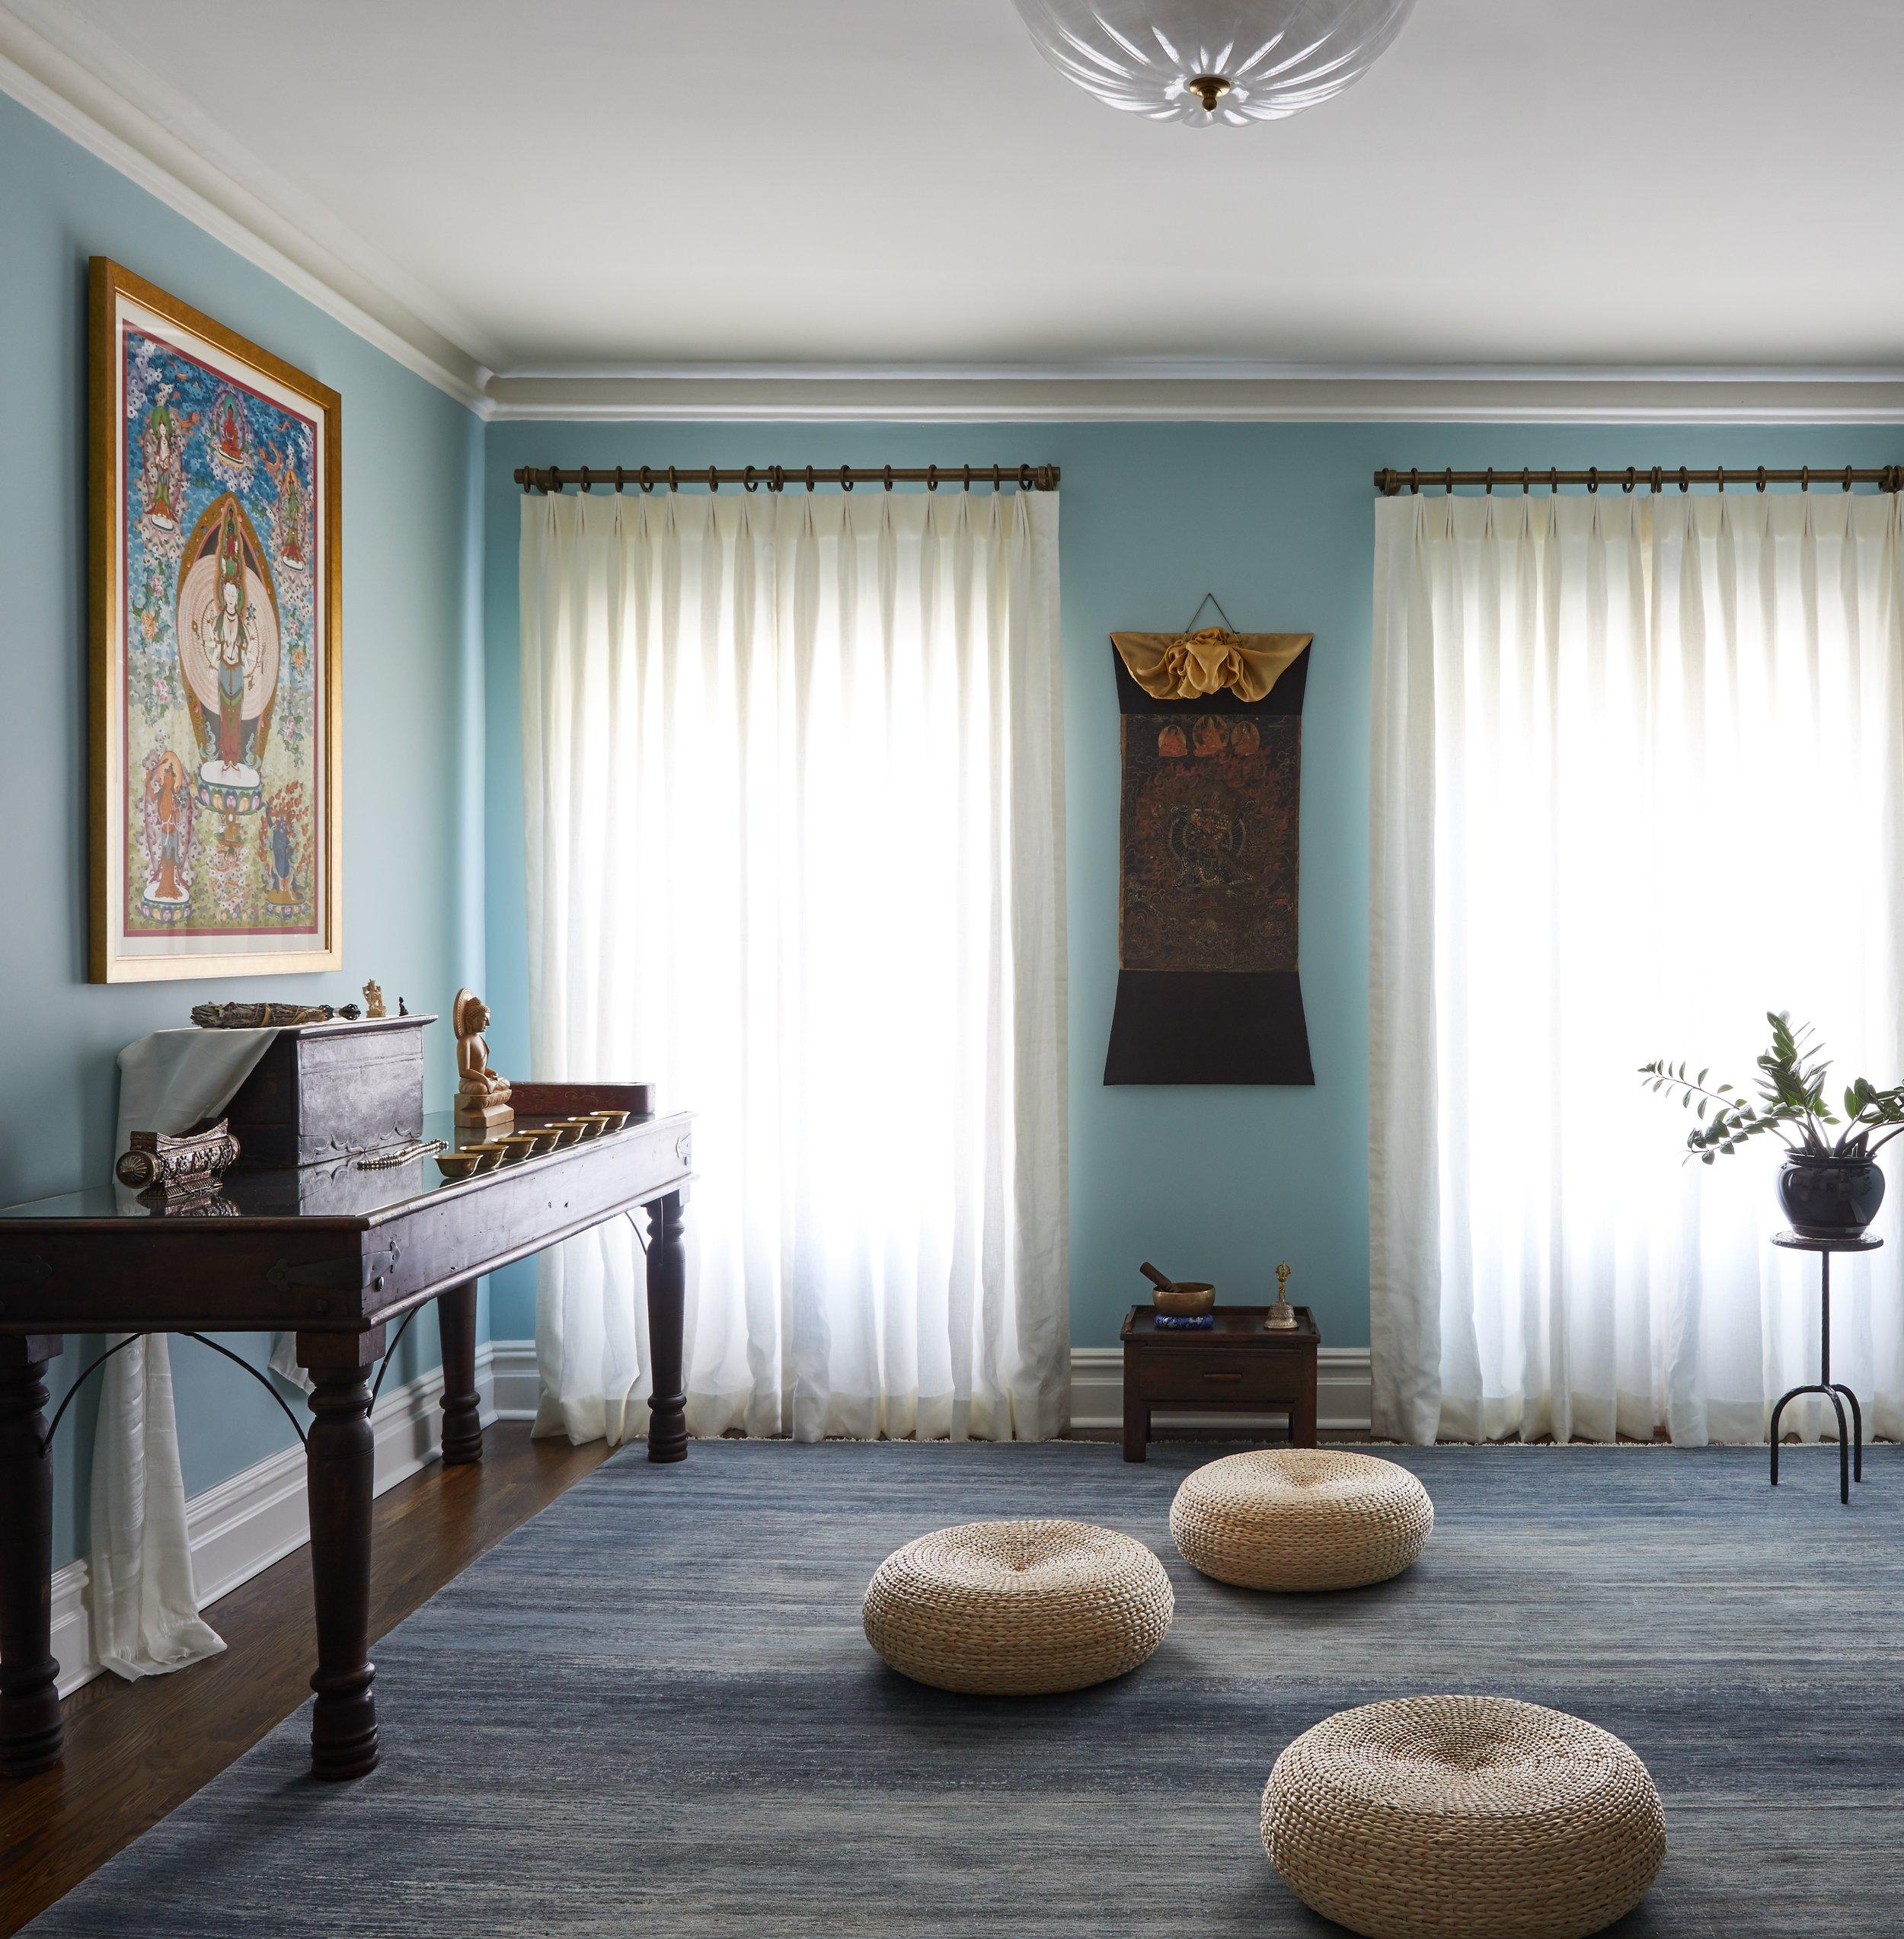 LAVA-interiors-Brooklyn-Brownstone-Meditation-Room-Interior-Design.jpg